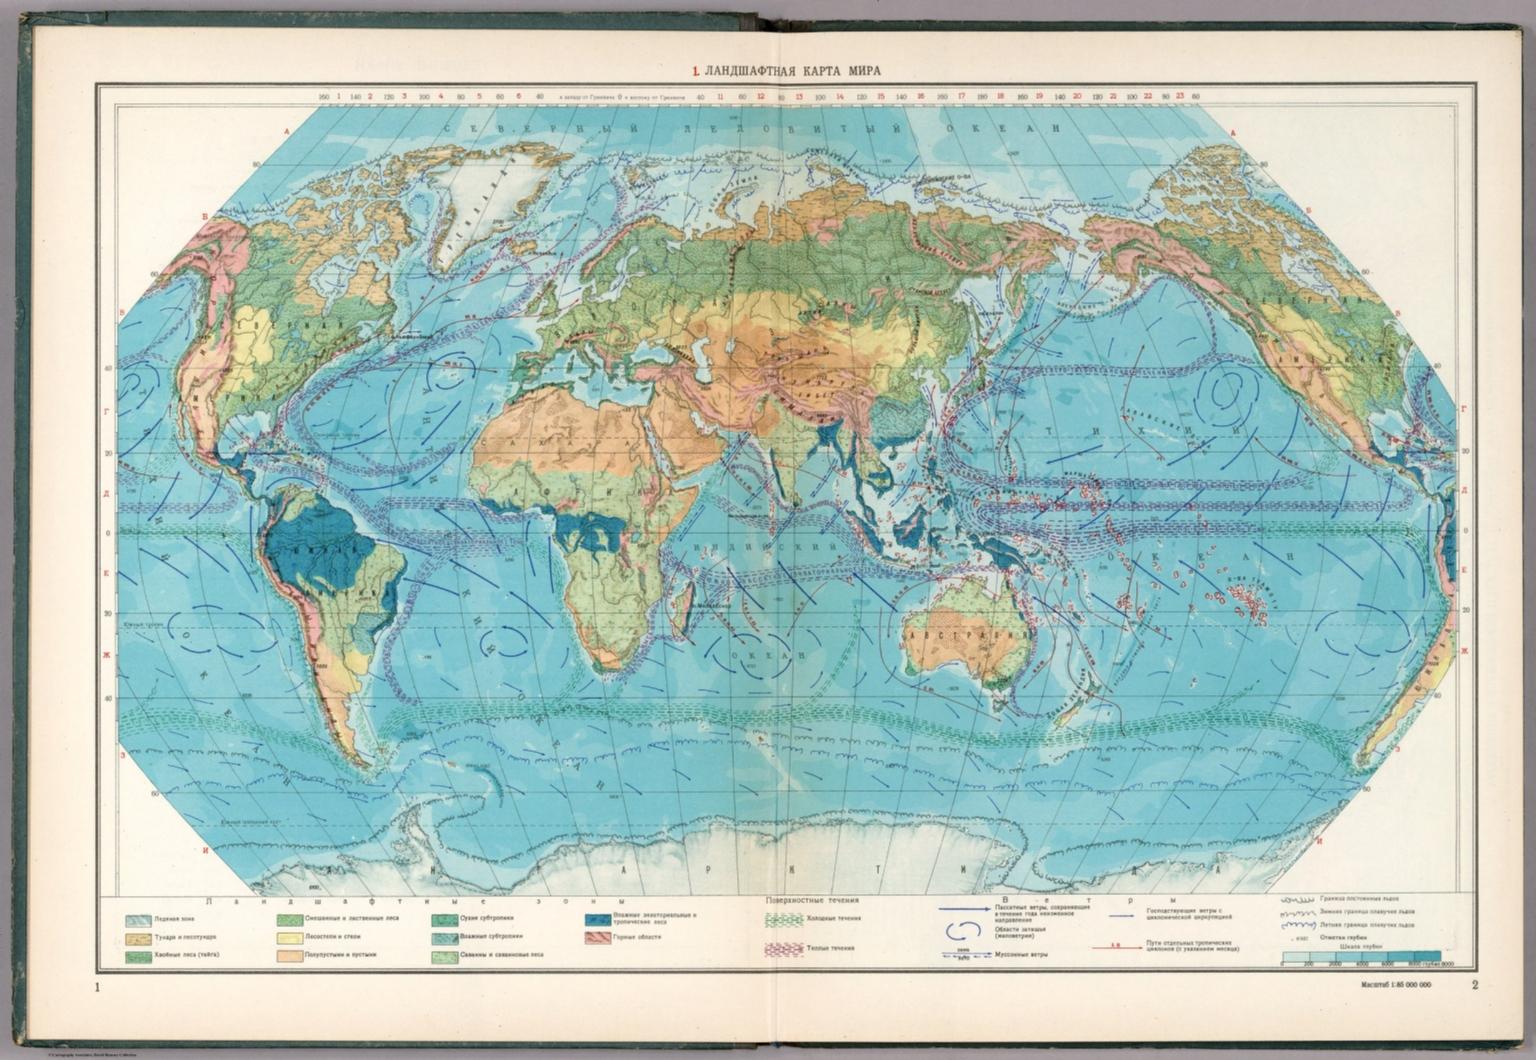 1 Landshaftnaya Karta Mira David Rumsey Historical Map Collection